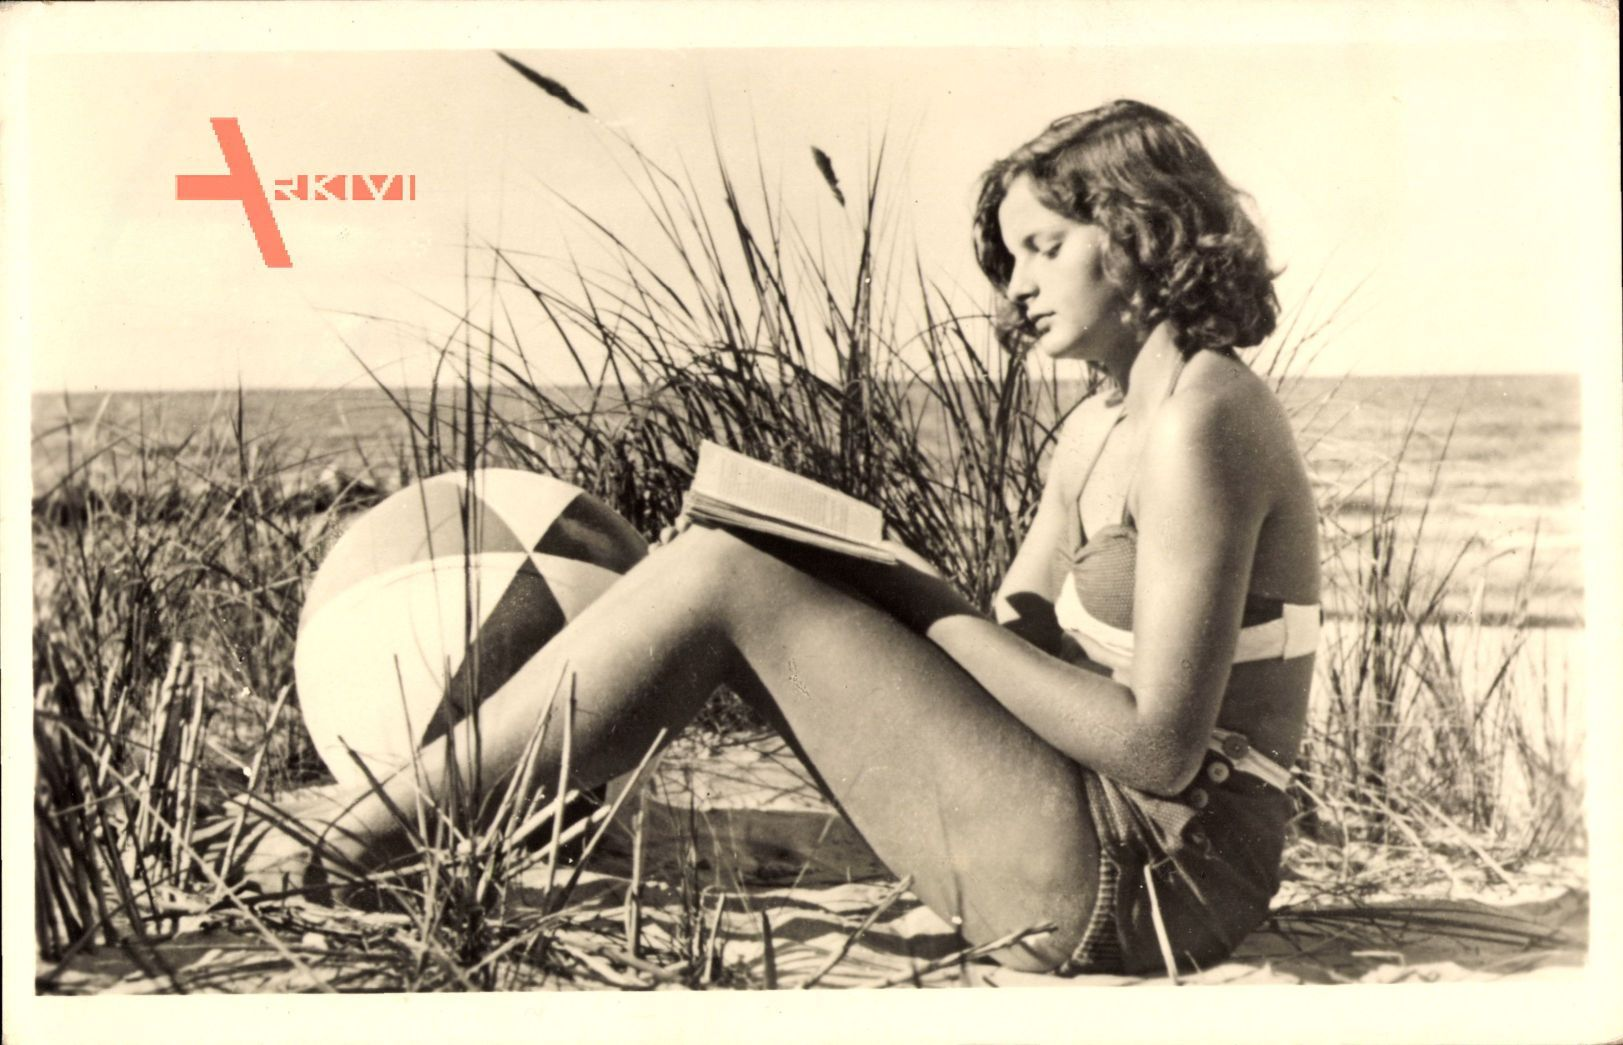 Junges Mädchen in Badekleid am Strand, Buch lesend, Spielball, Meer